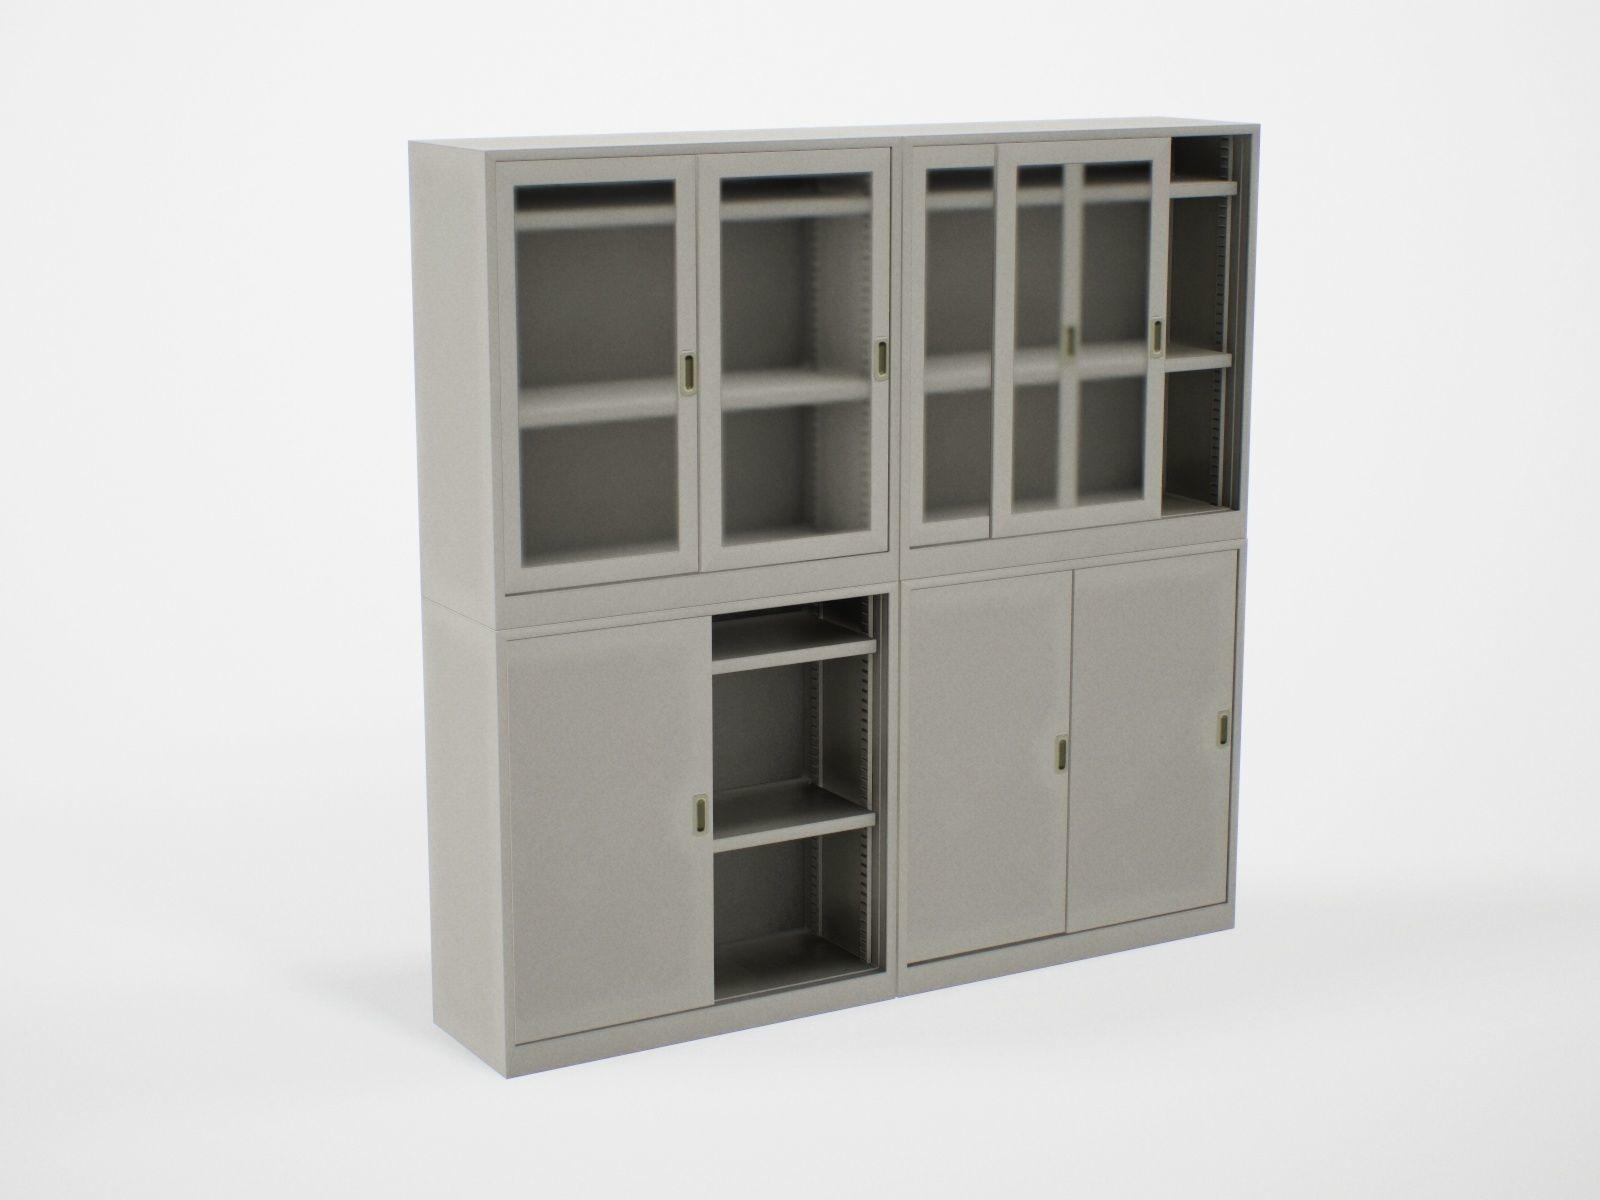 Modular Japanese Office Shelves - 6 models